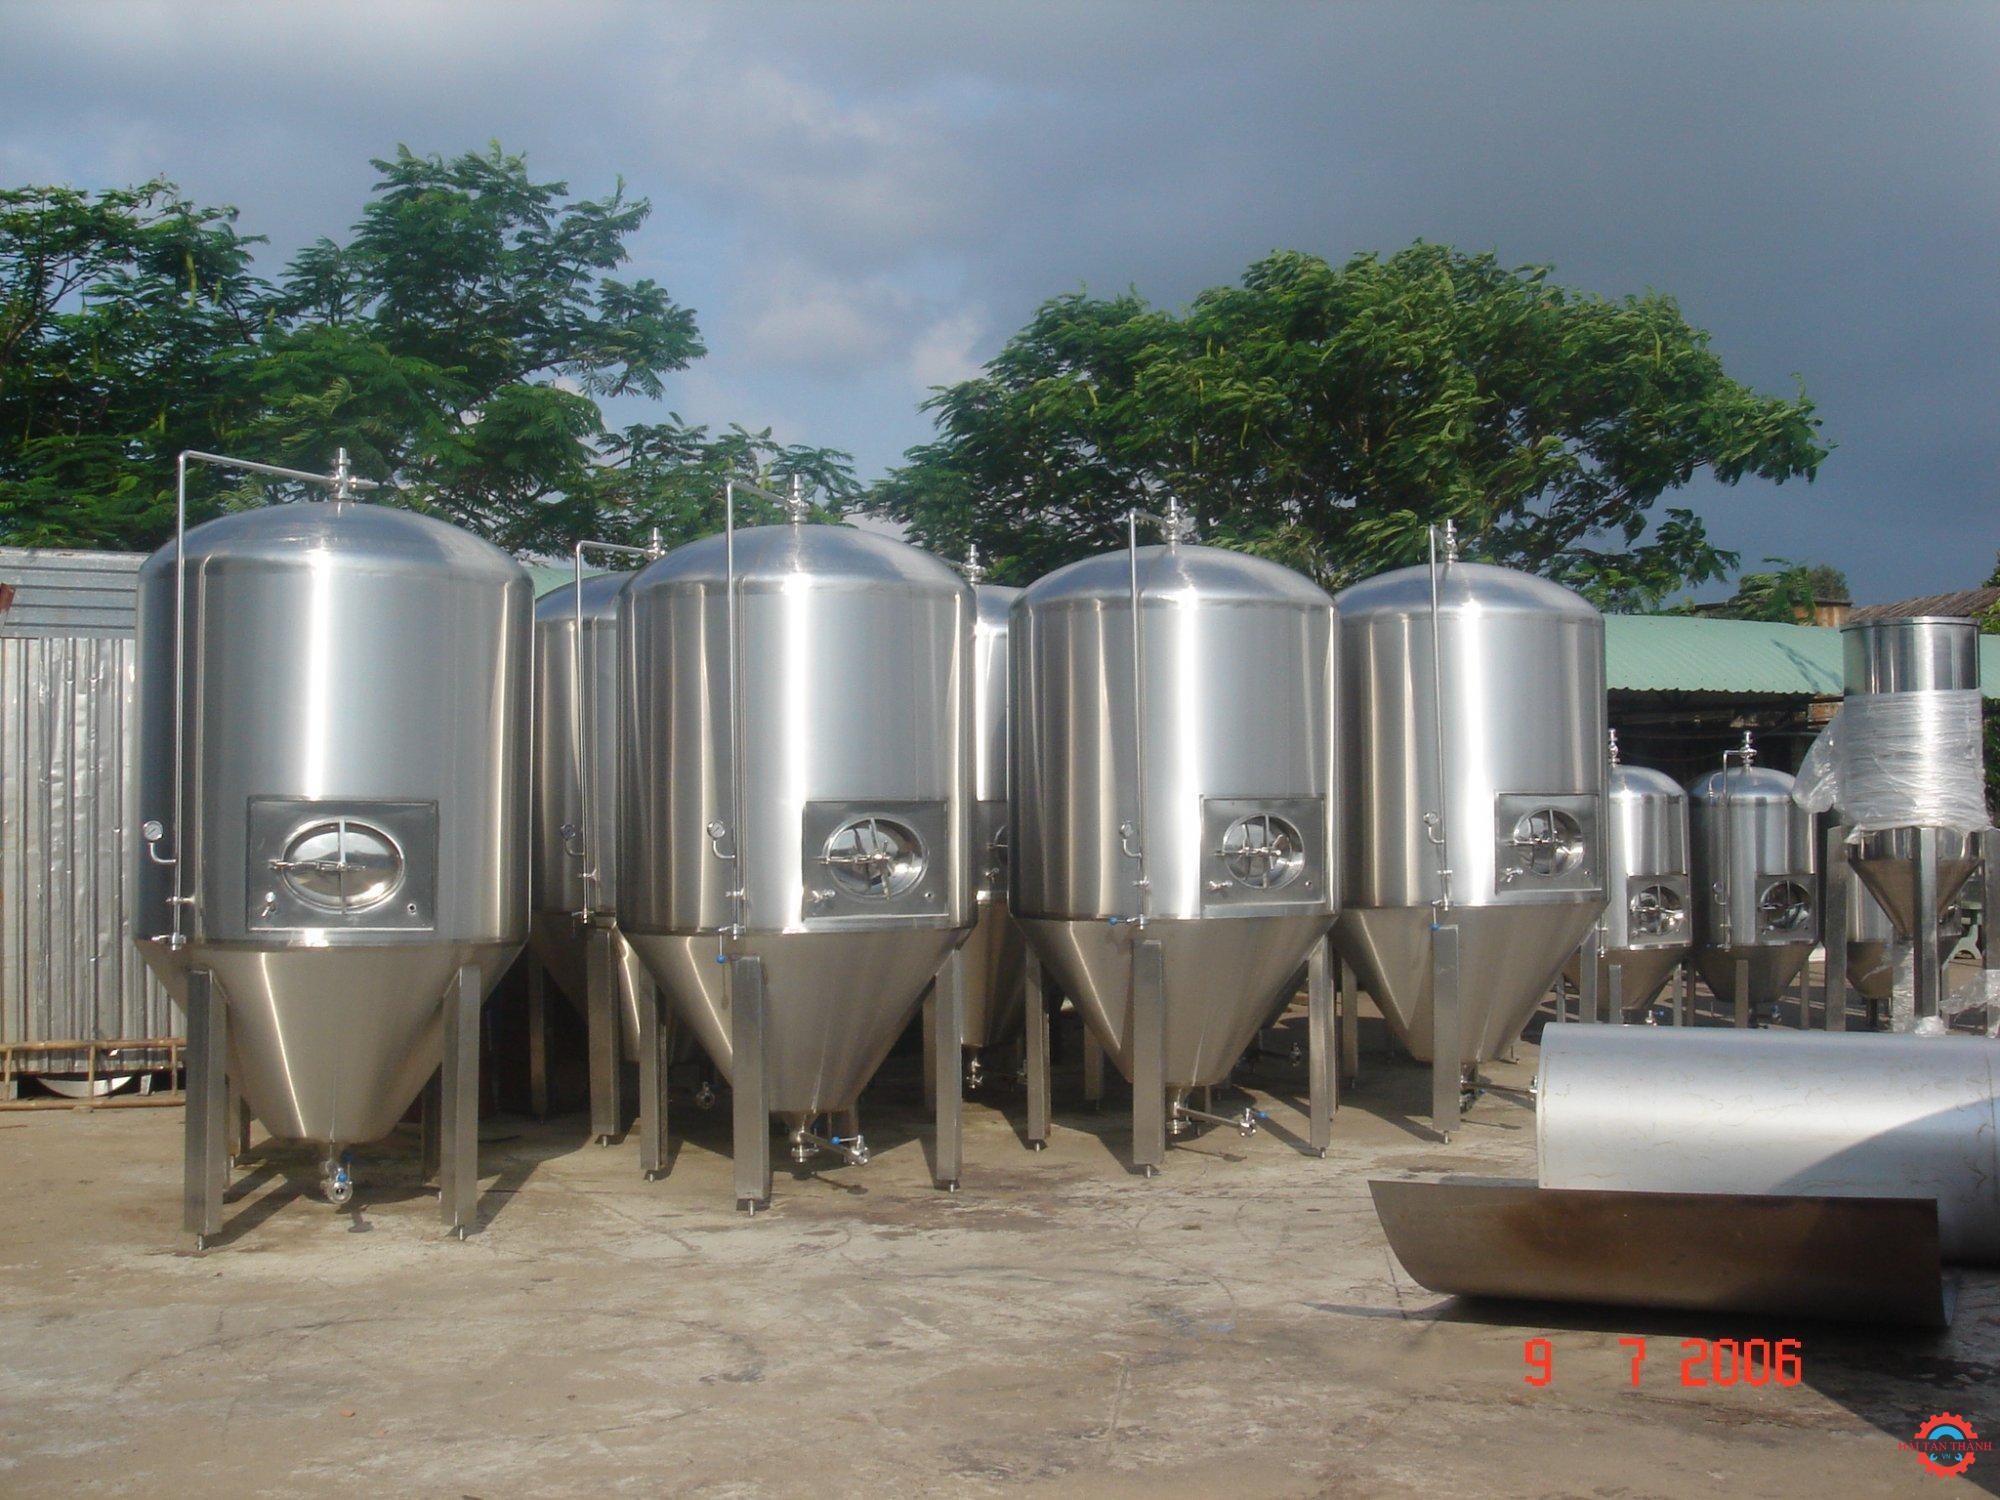 Gia công bồn chứa inox công nghiệp chất lượng uy tín giá rẻ tại Cần Thơ